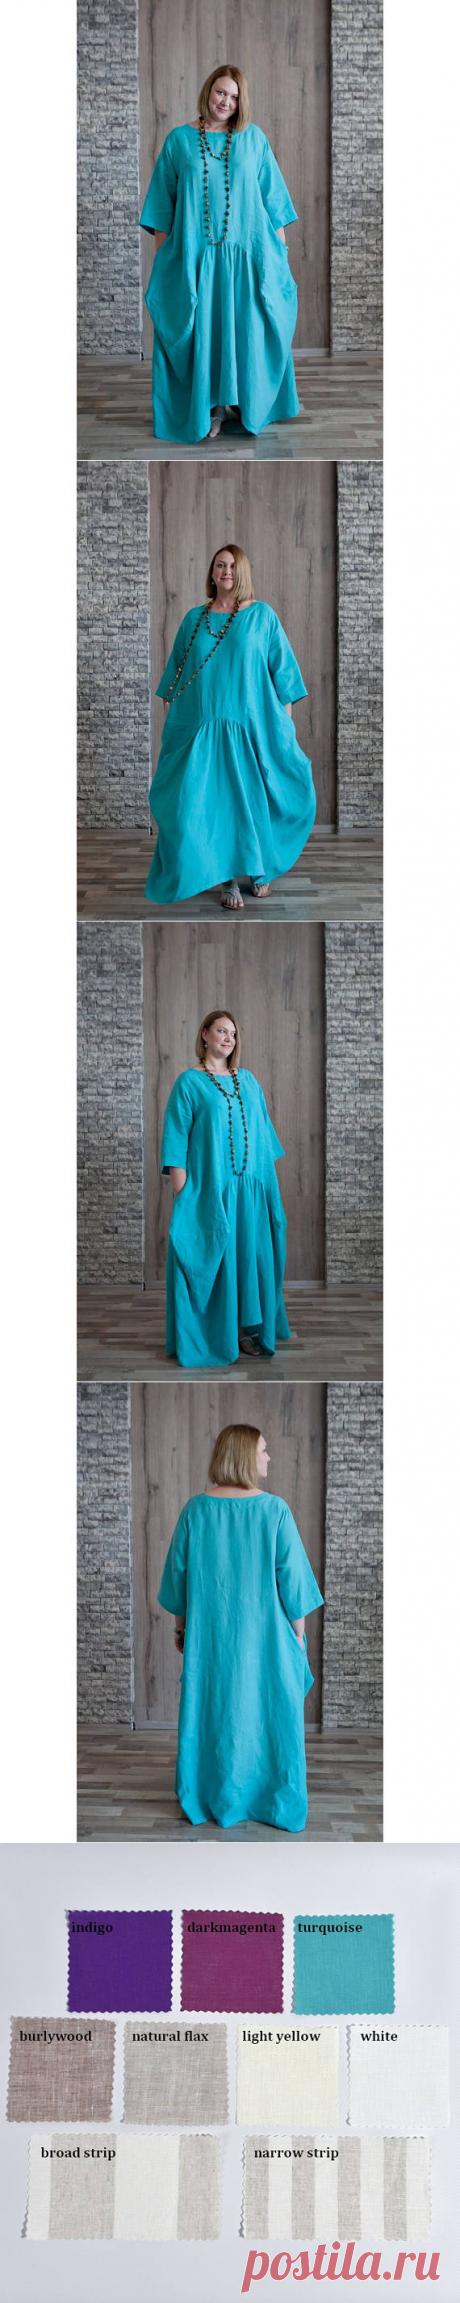 Linen dress with long sleevesLinen summer dress